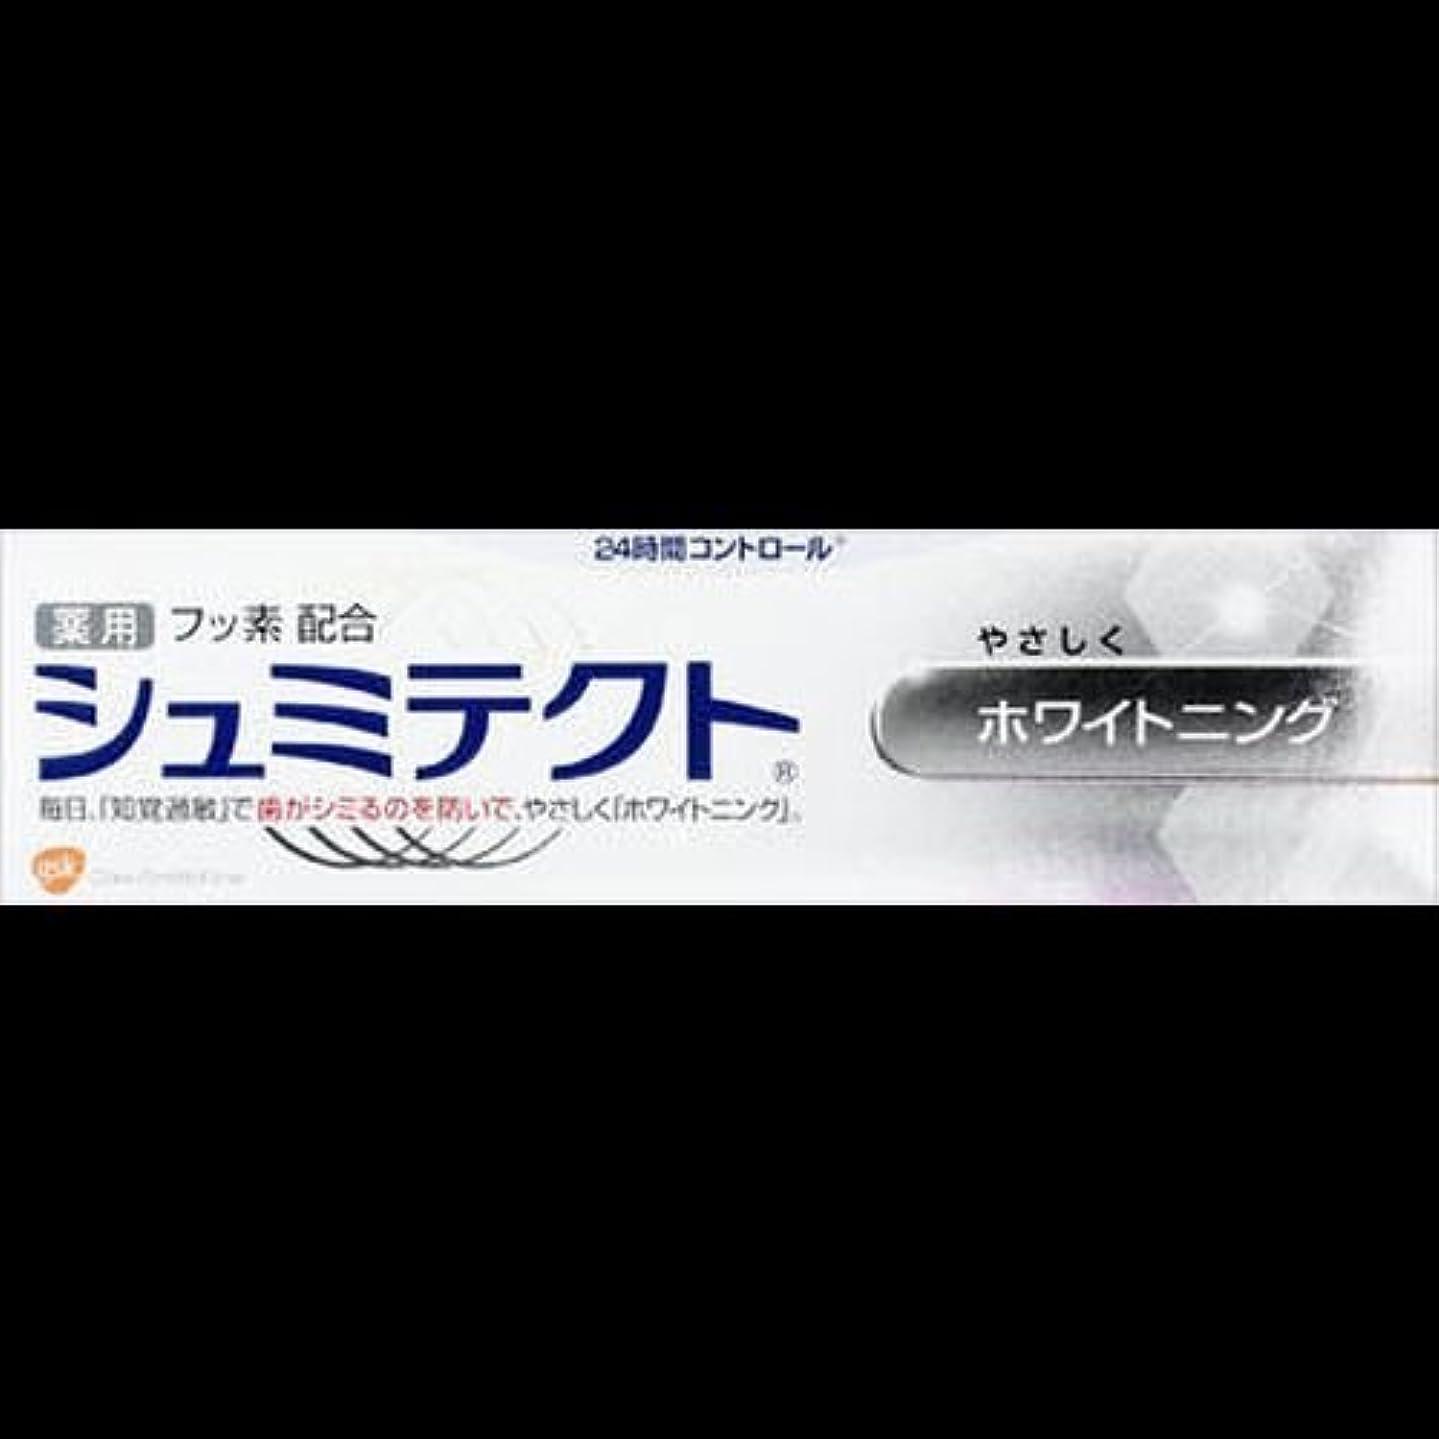 薬用またね冒険【まとめ買い】薬用シュミテクト ホワイトニング 90g ×2セット